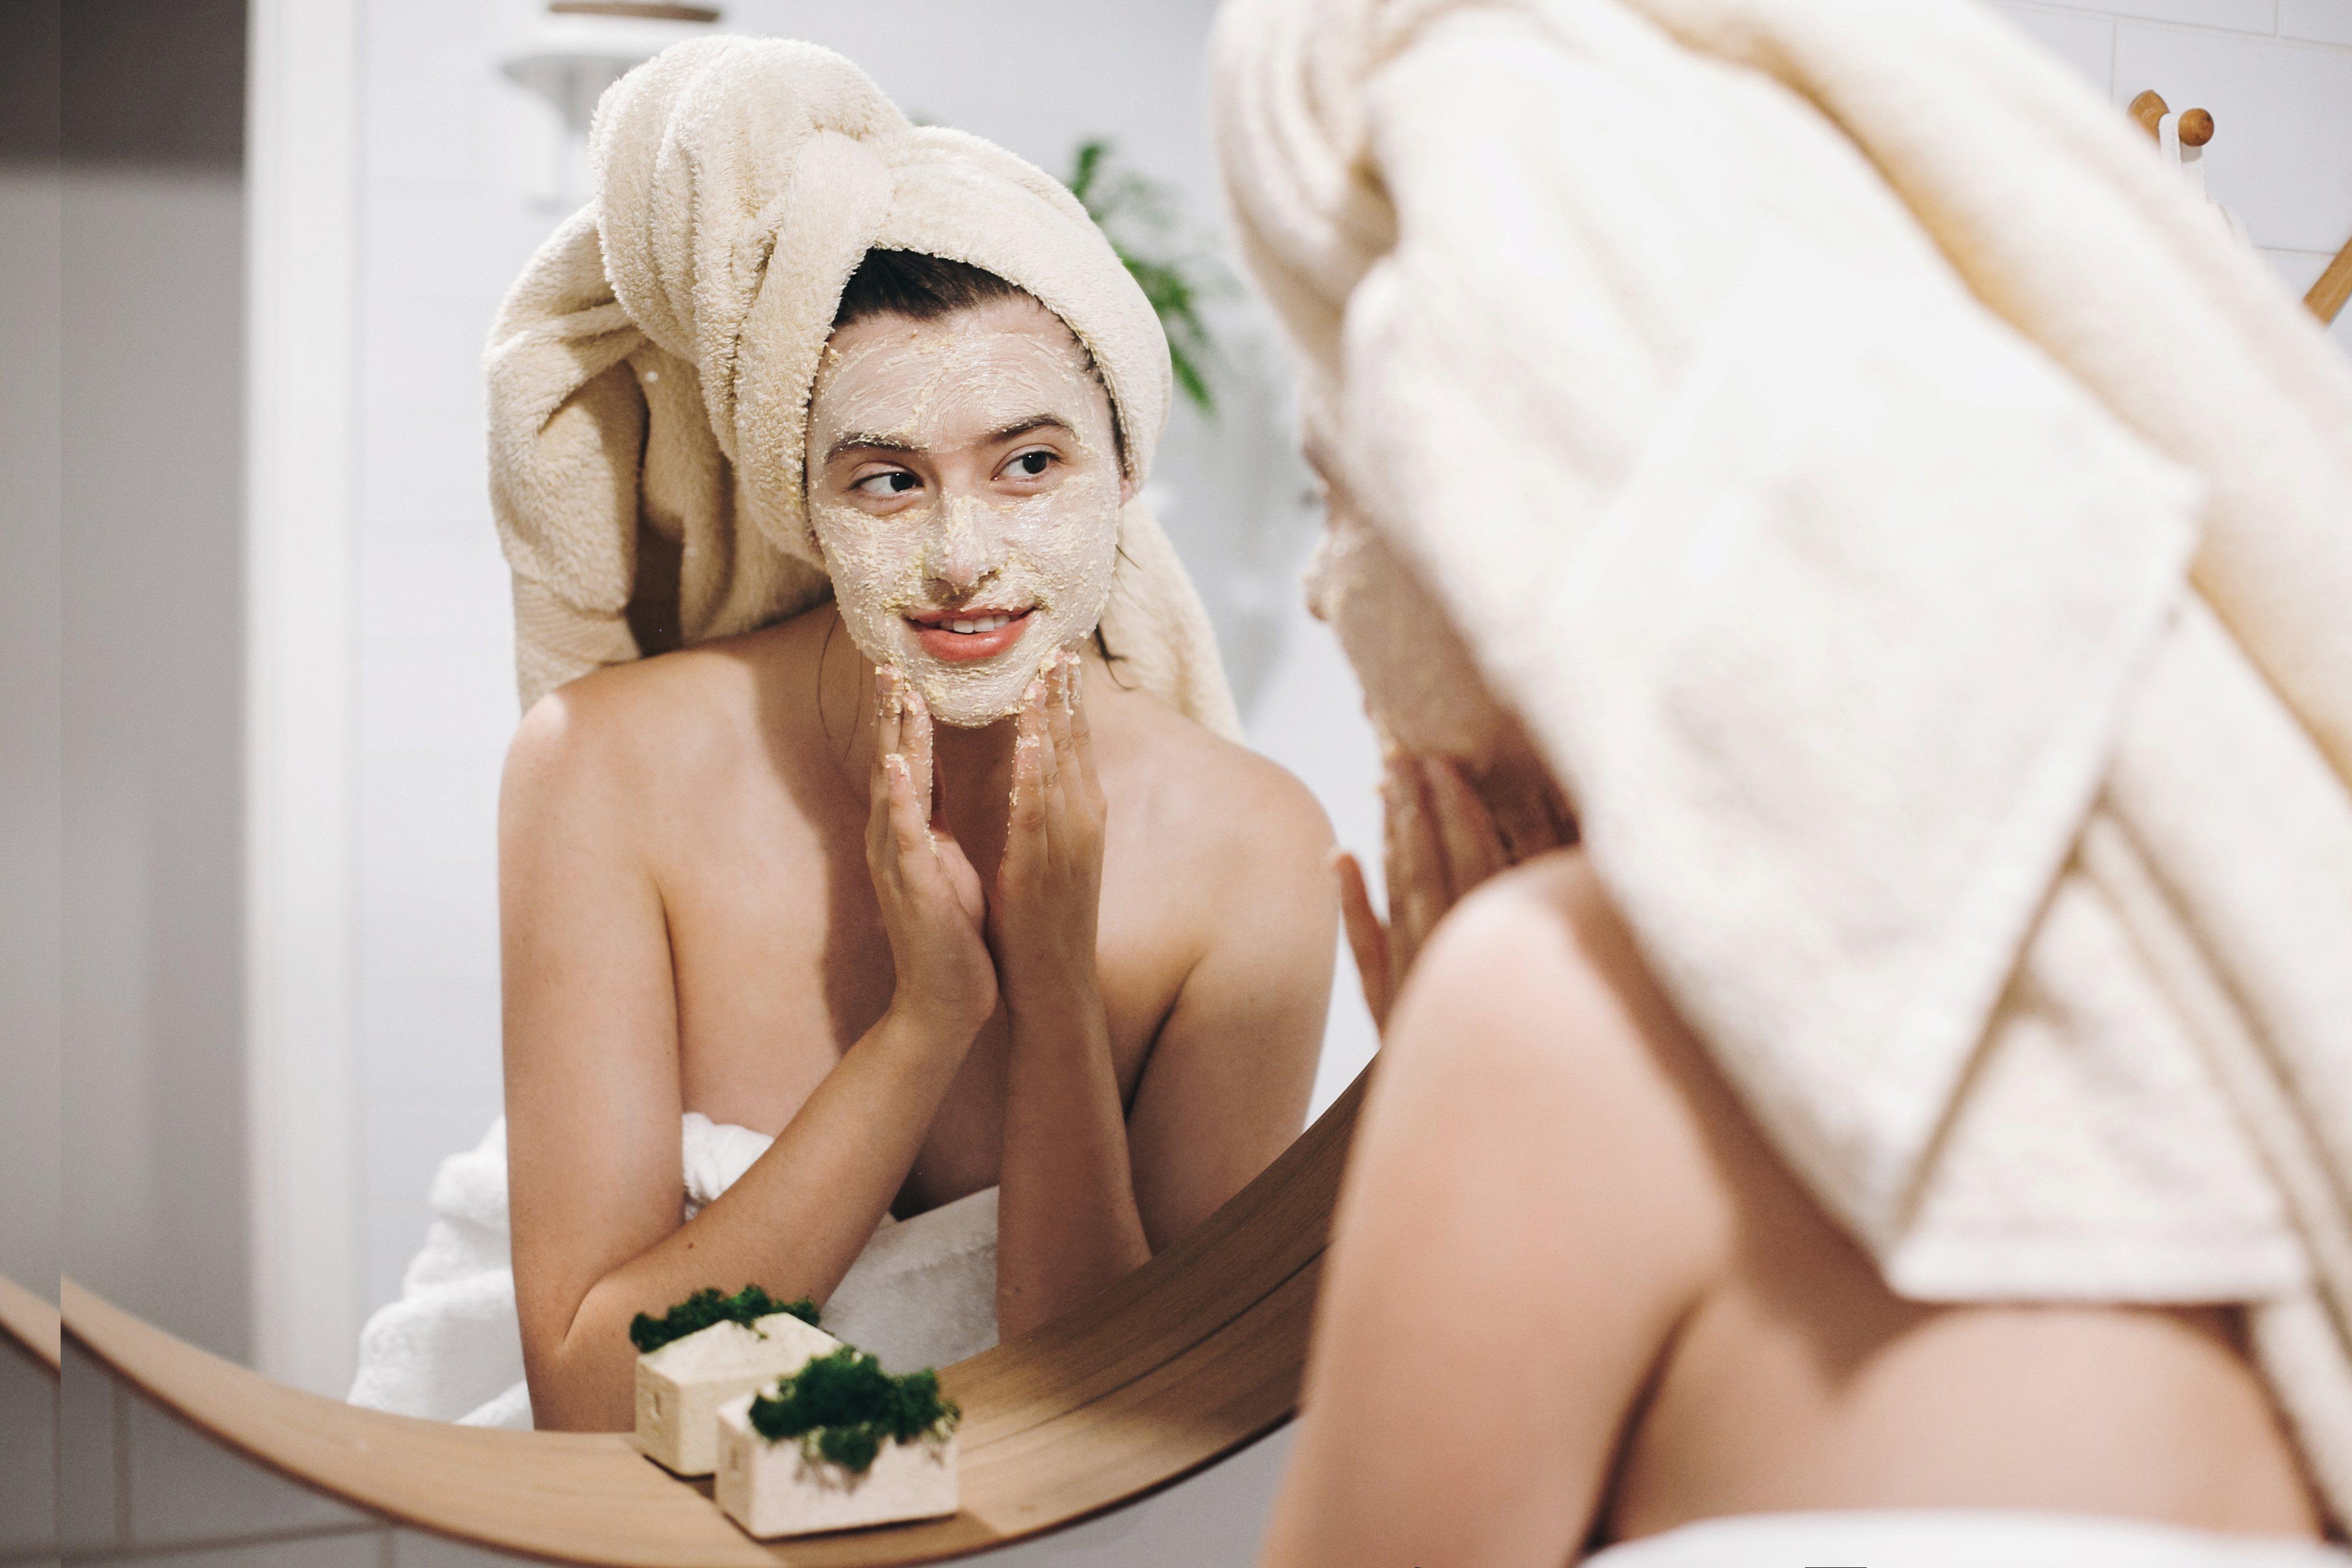 La exfoliación es un ritual de belleza muy importante para la piel